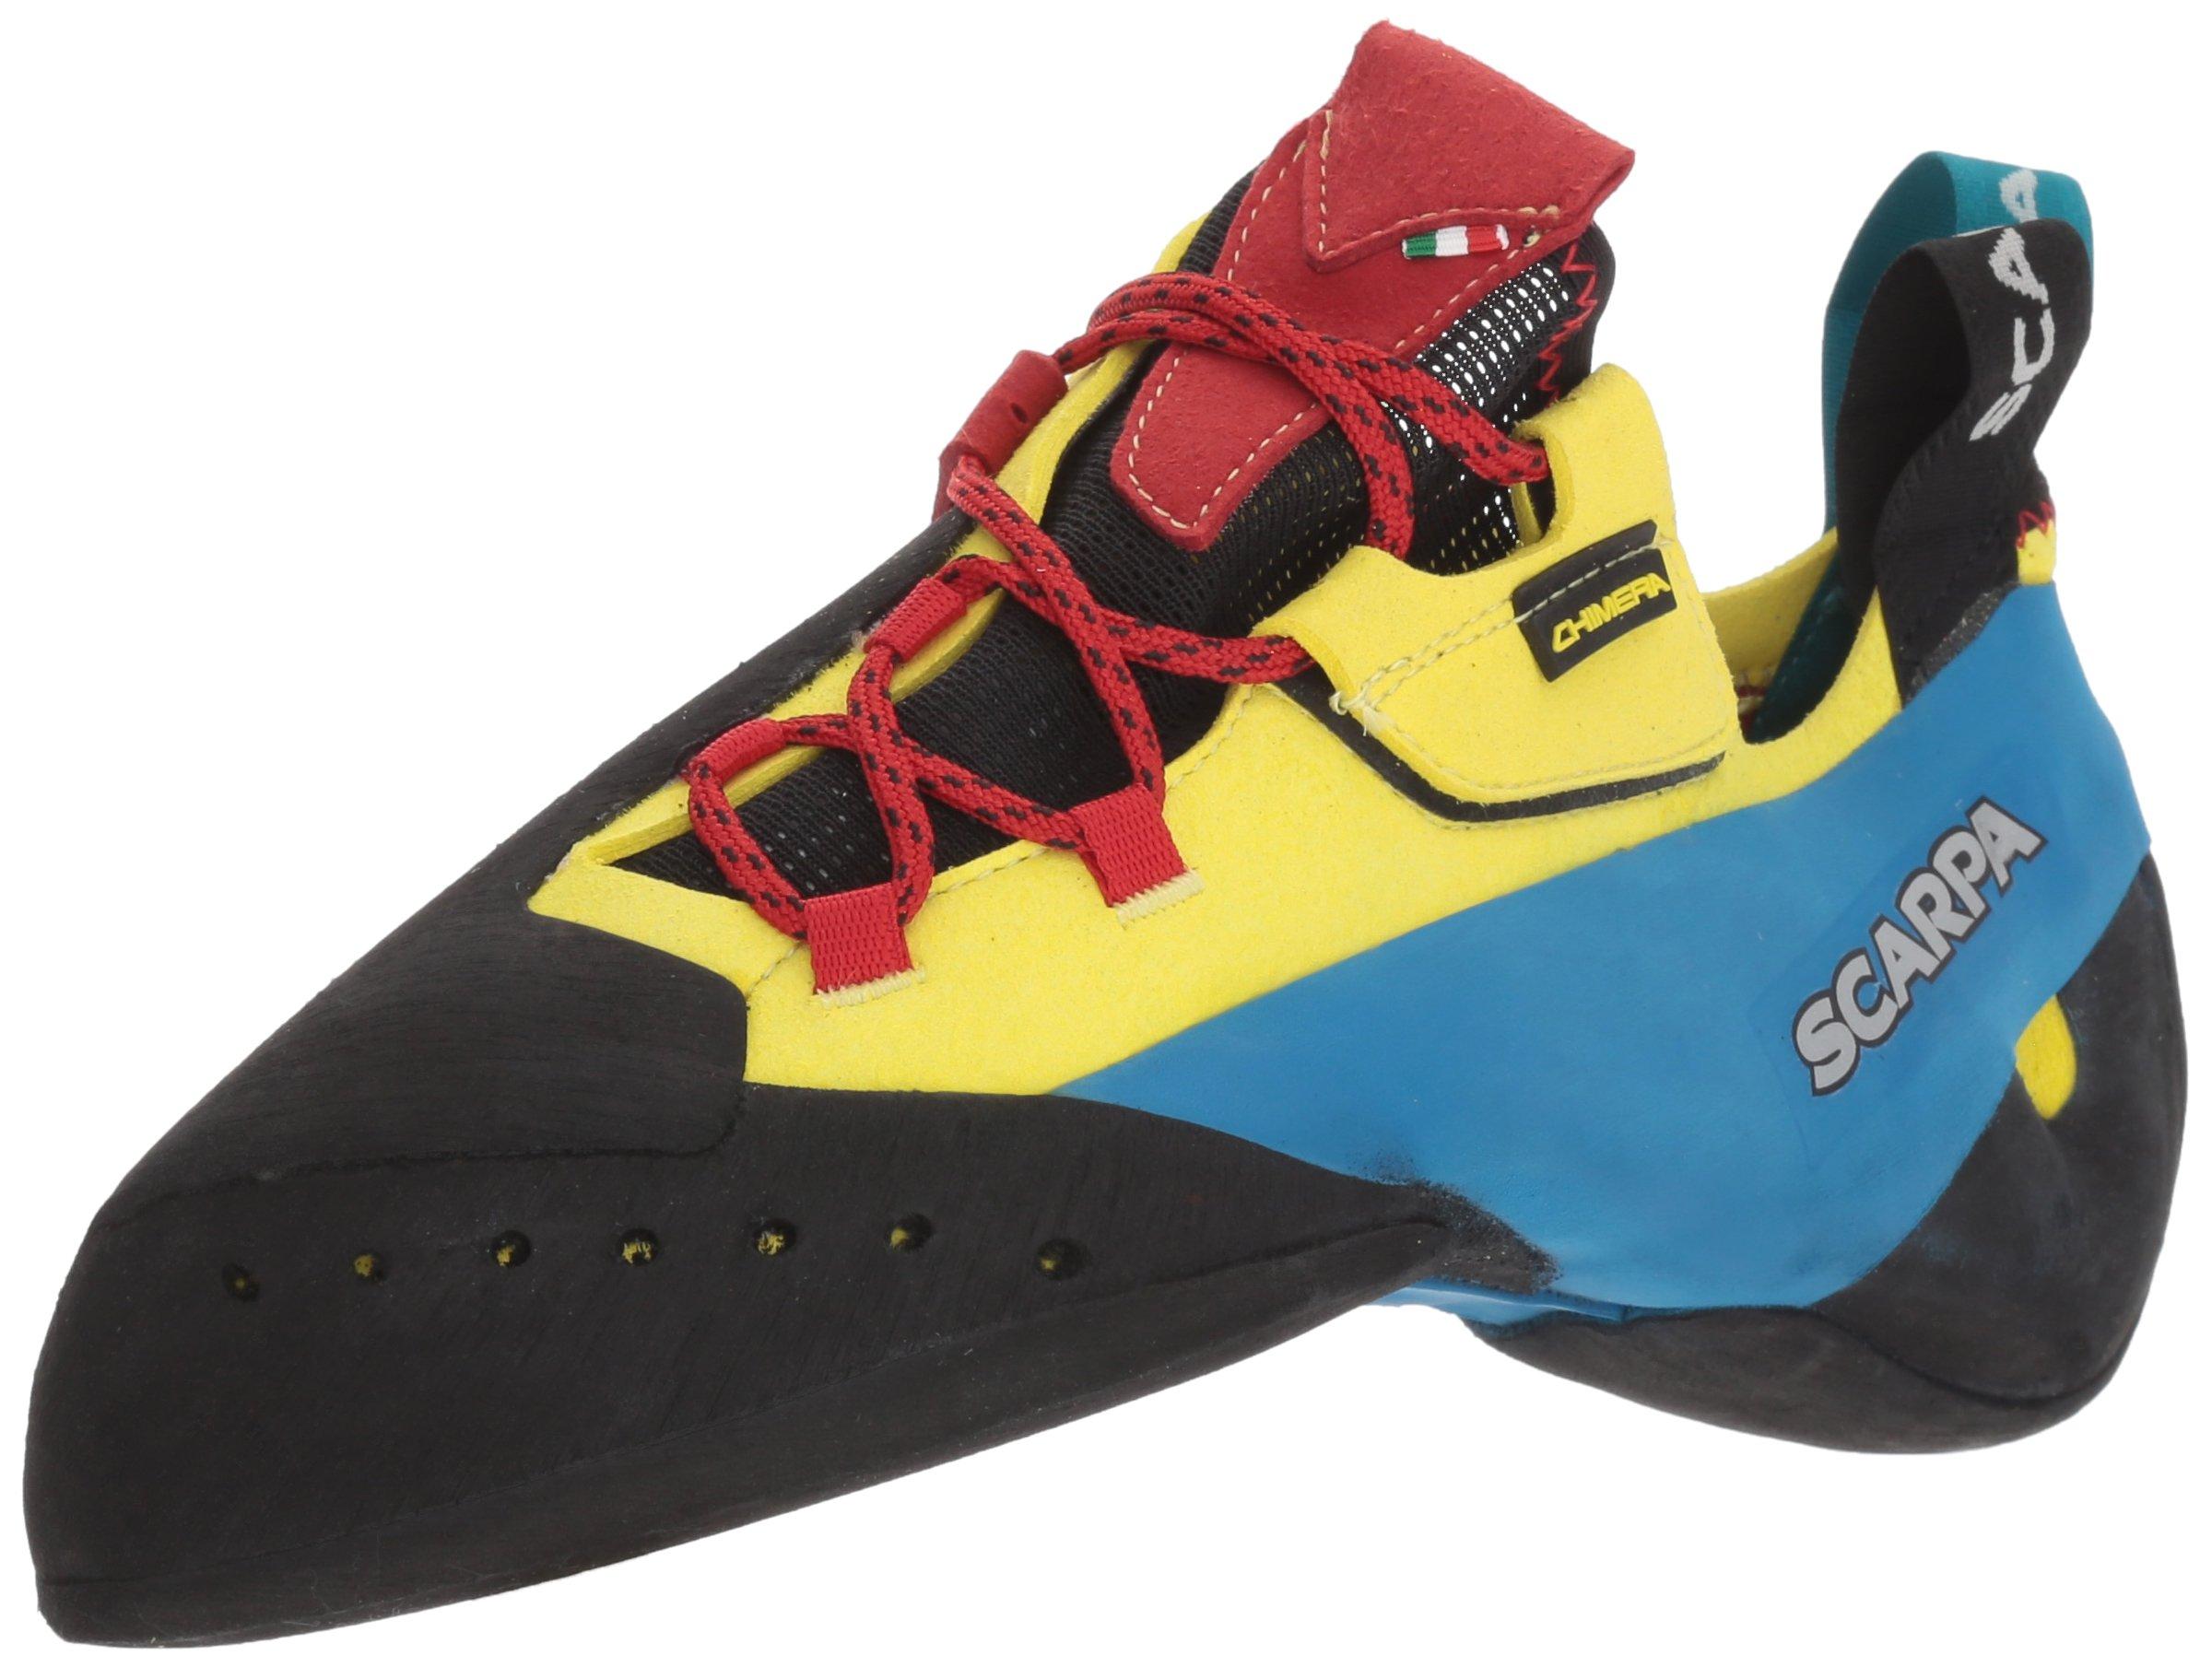 SCARPA Chimera Rock Climbing Shoe, Yellow, 41.5 EU/8.5 M US